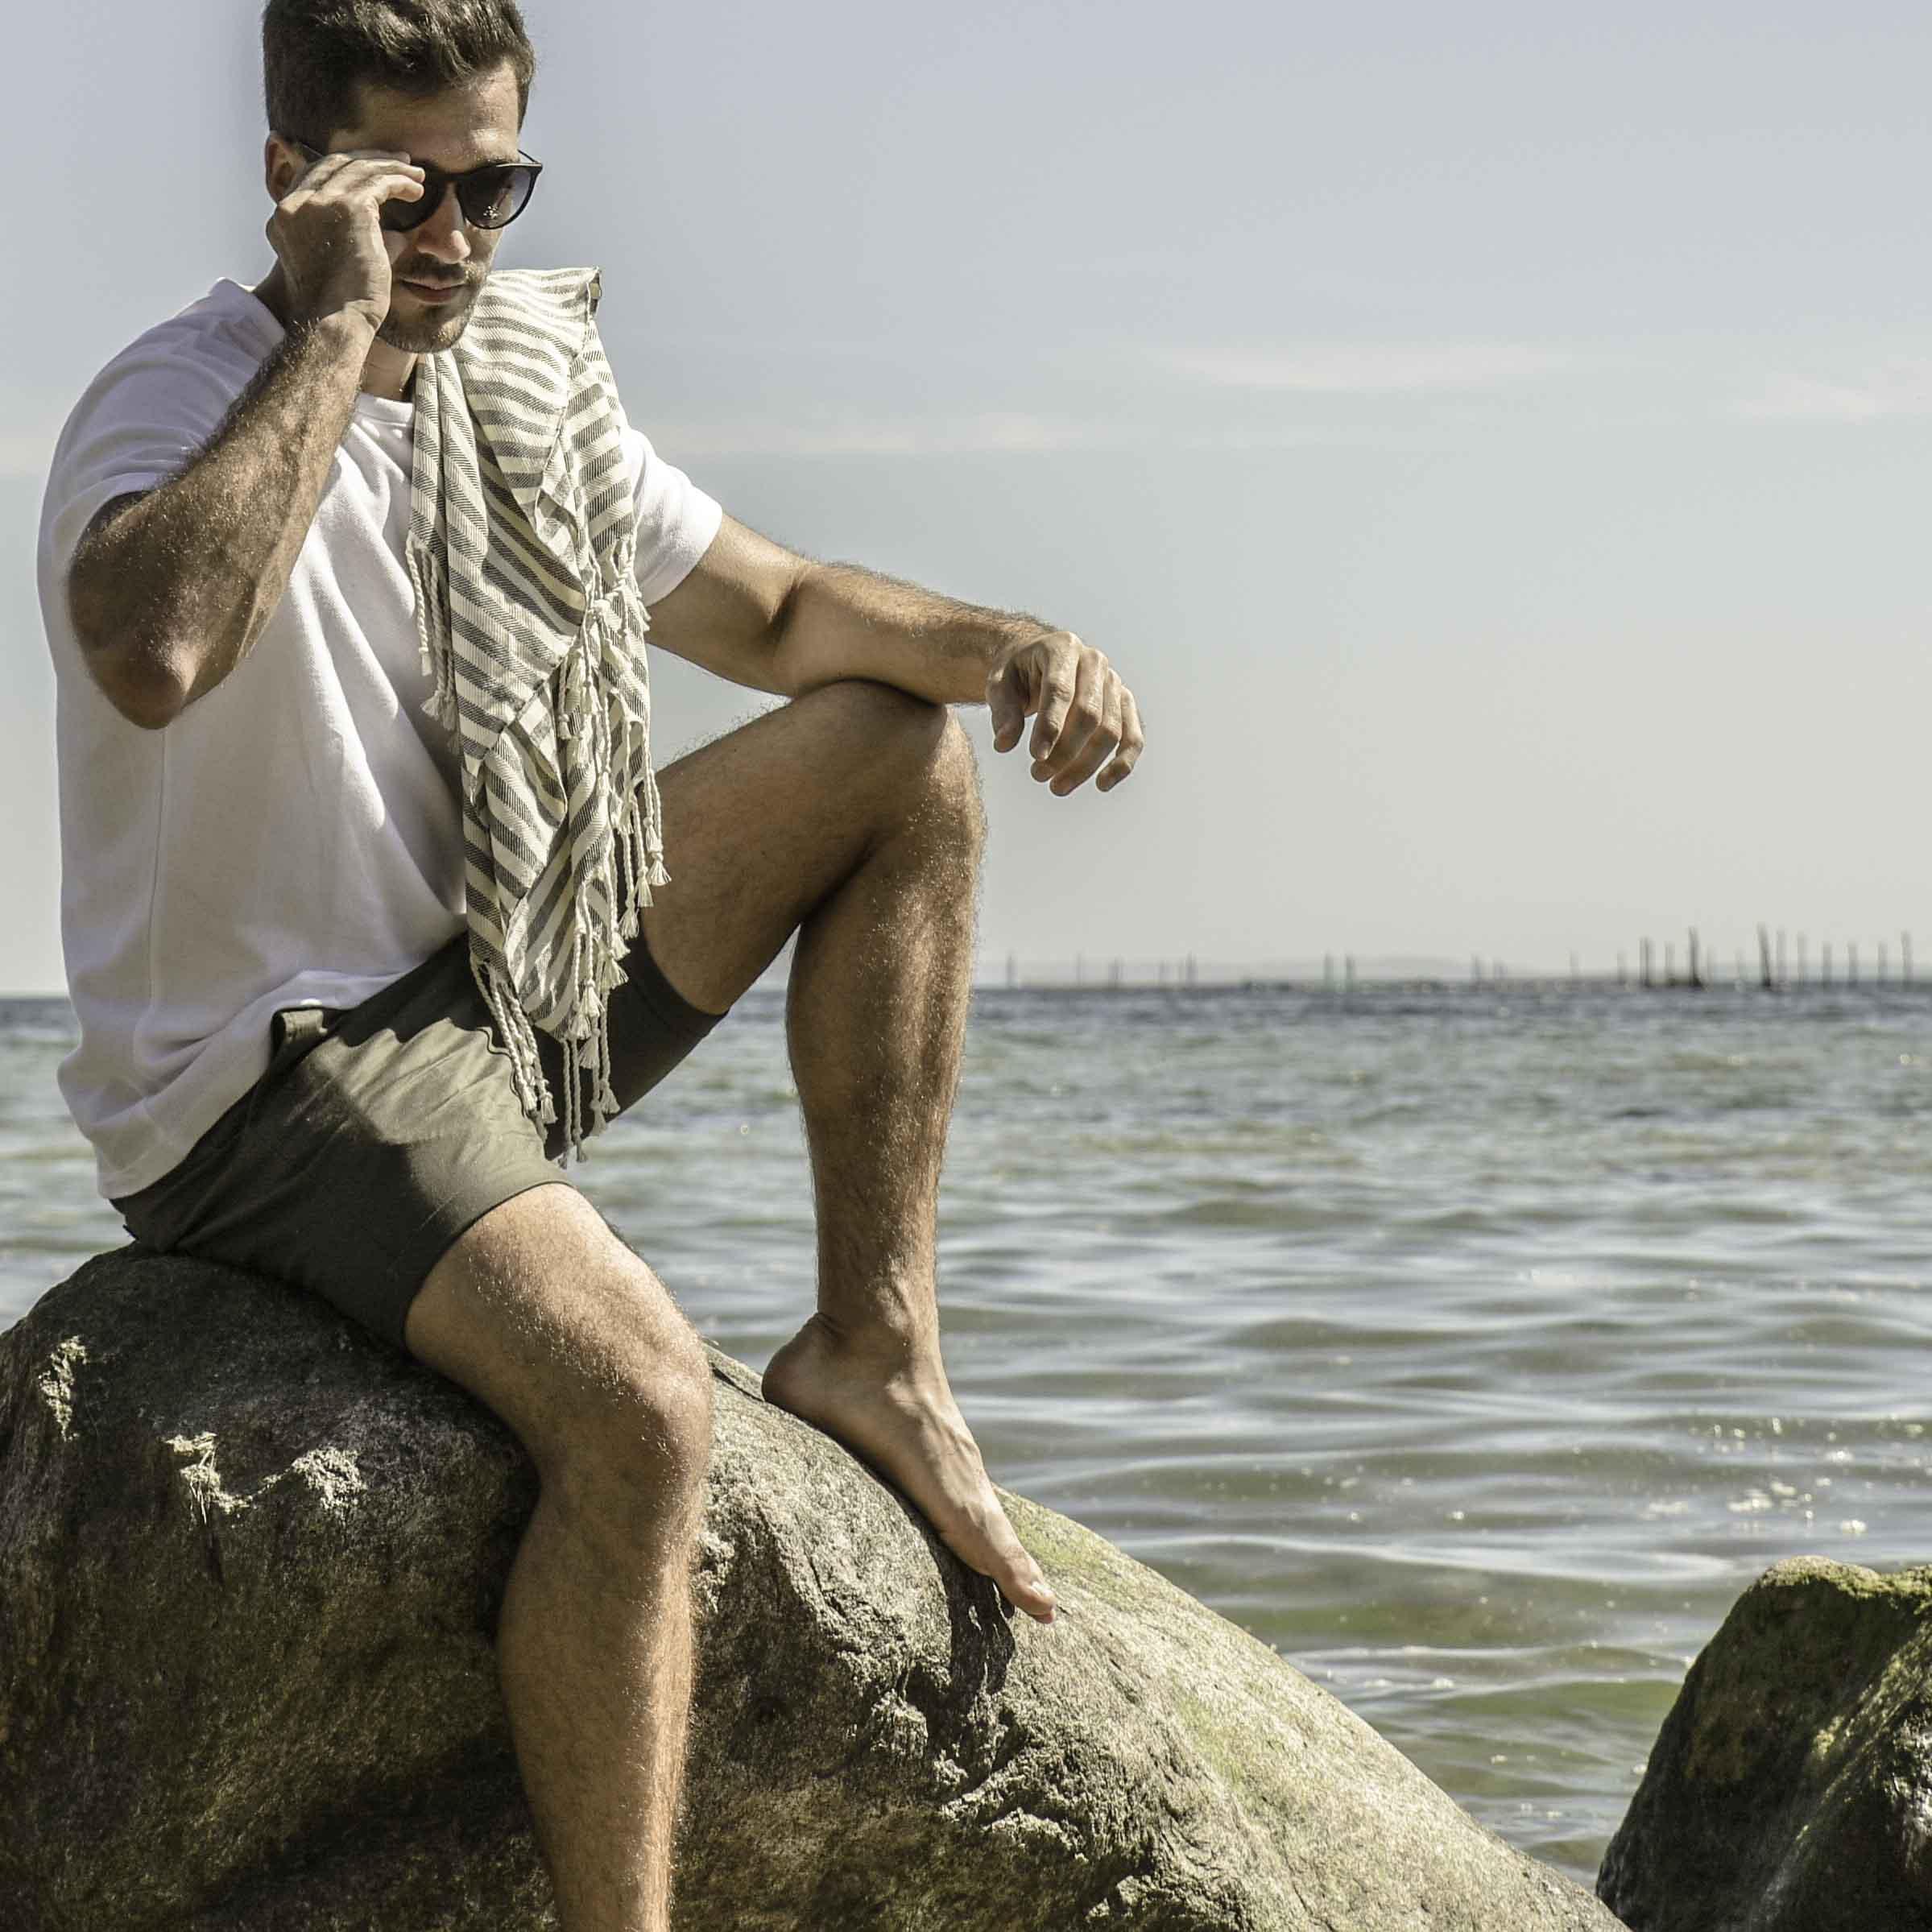 Mand med sol i ansigtet på på strand med strandhåndklæde over skulderen